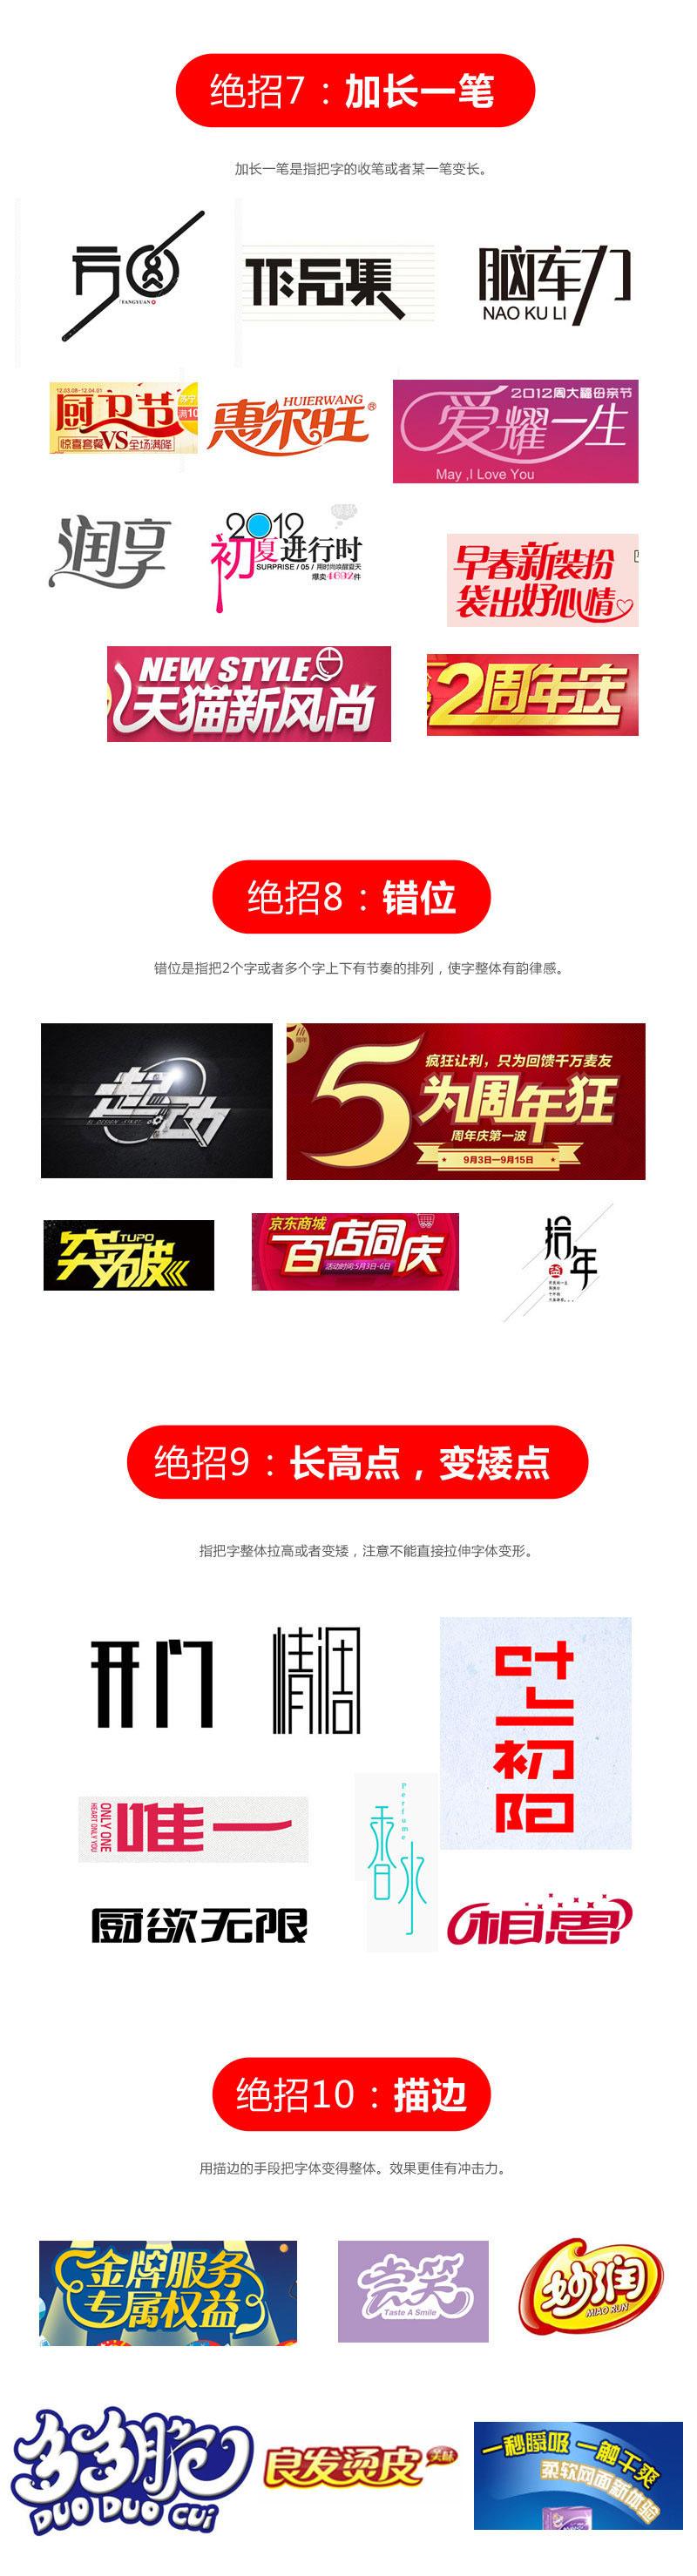 搞定汉字中文字体设计,只需10招